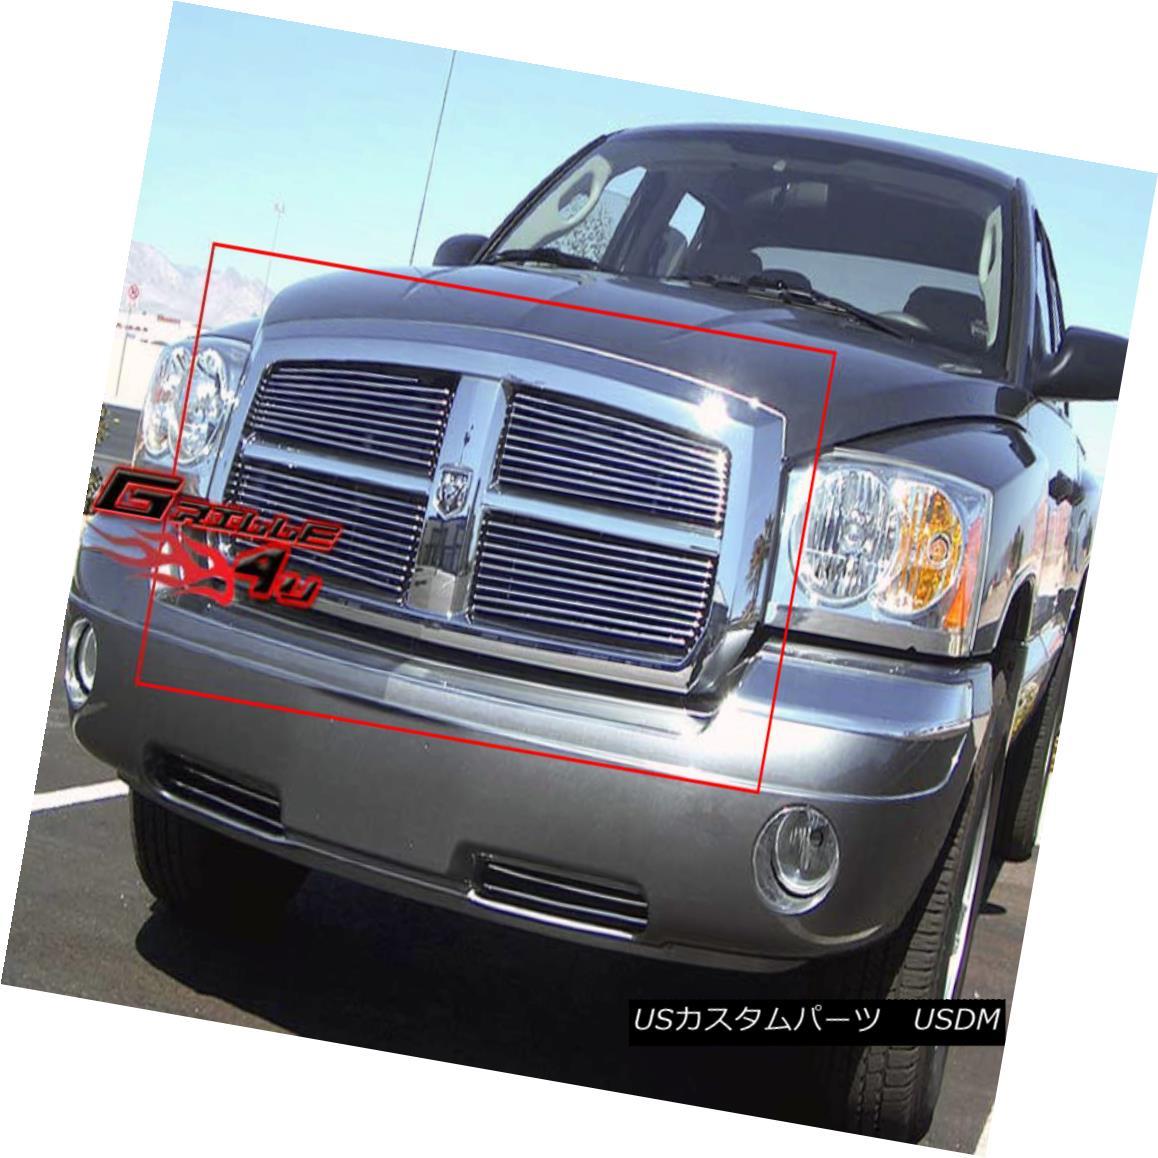 グリル Fits 2005-2007 Dodge Dakota Main Upper Billet Grille Insert 2005-2007 Dodge Dakotaメインアッパービレットグリルインサート